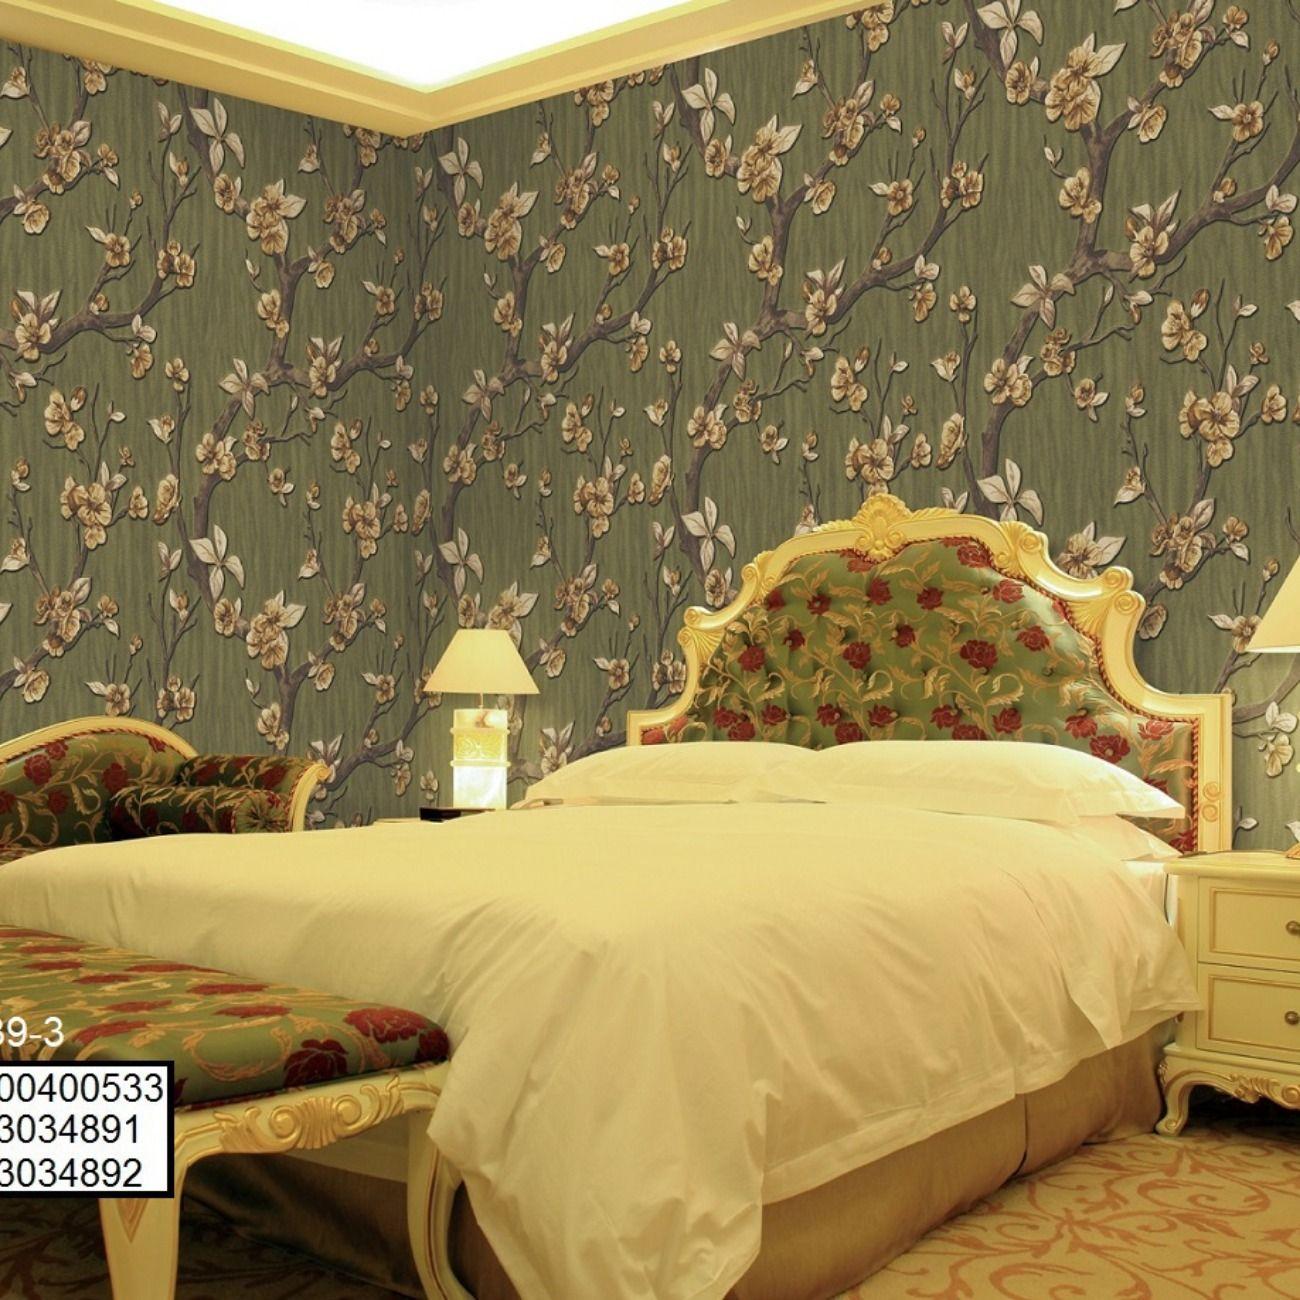 ورق جدران غرف نوم ورق حائط ريسبشن ورق الحائط Home Decor Home Bed